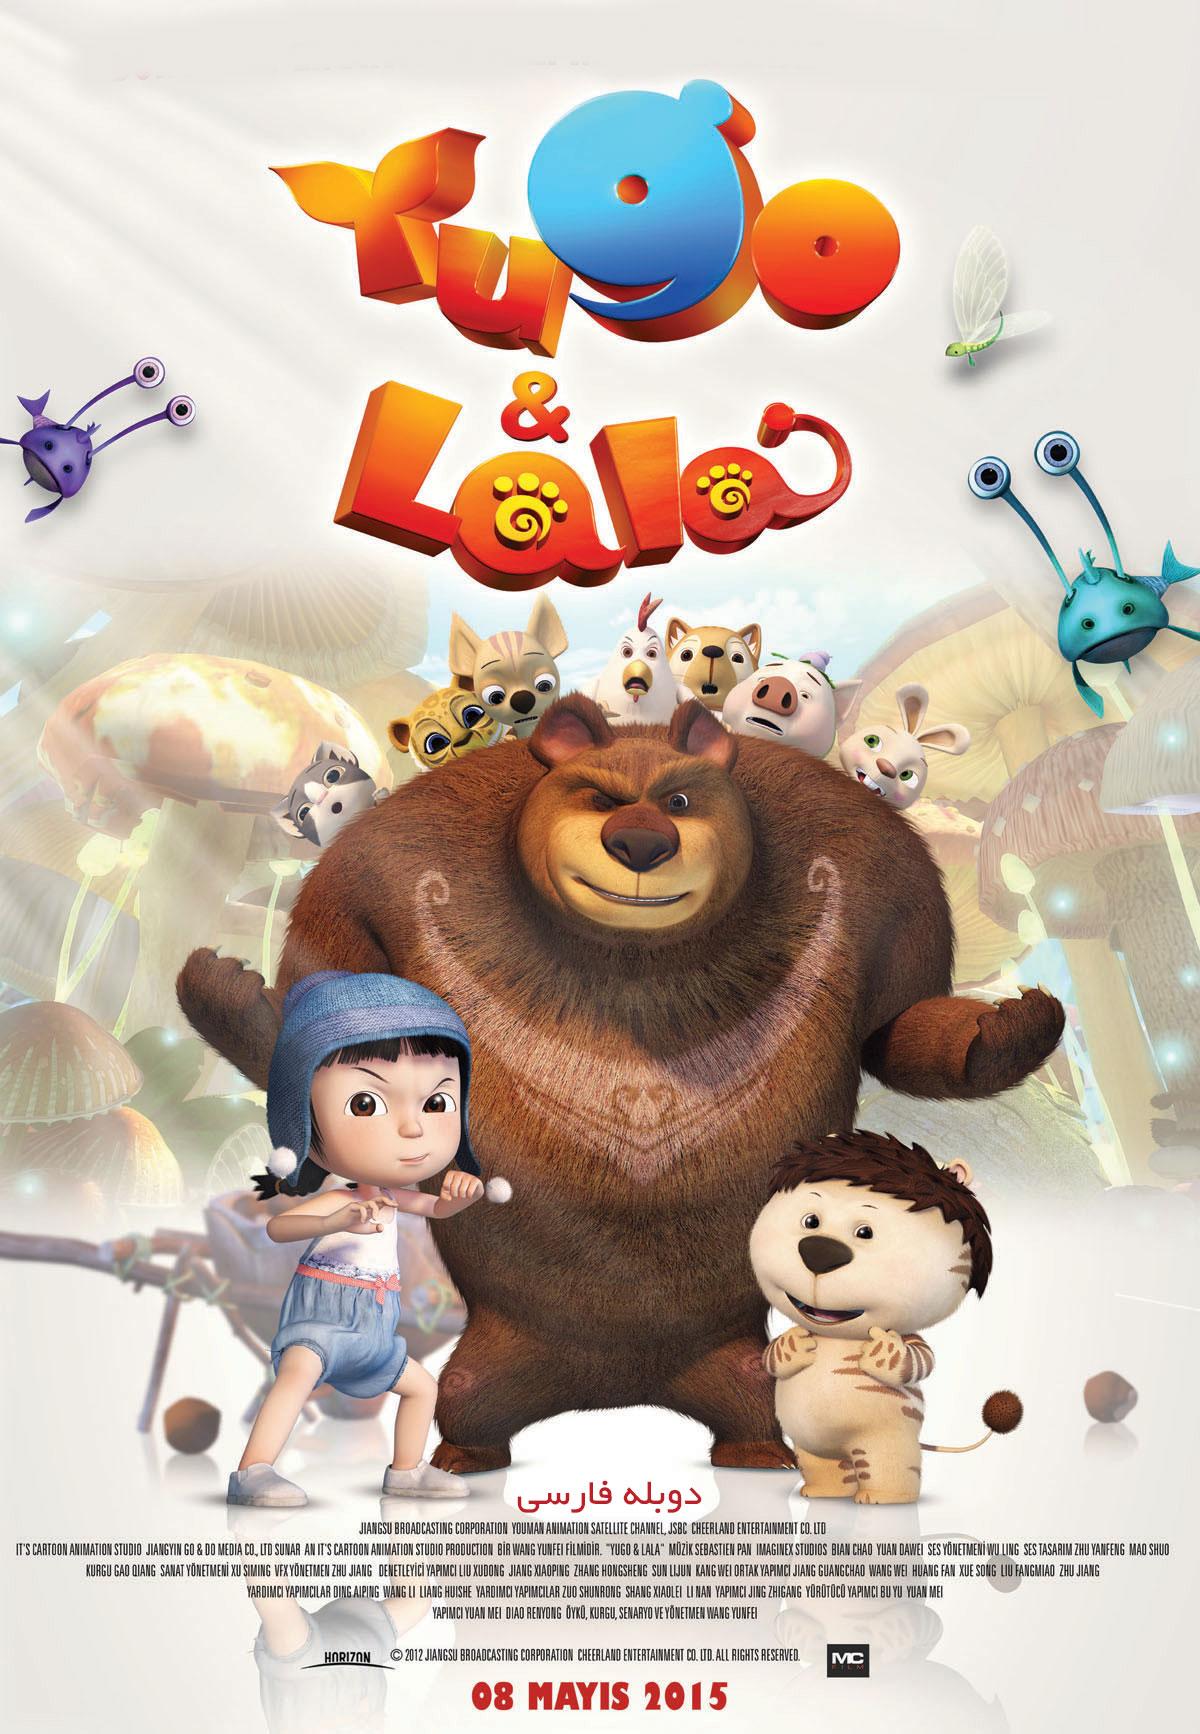 دانلود انیمیشن یوگا و لالا Yugo and Lala - دانلود انیمیشن یوگا و لالا Yugo and Lala دوبله